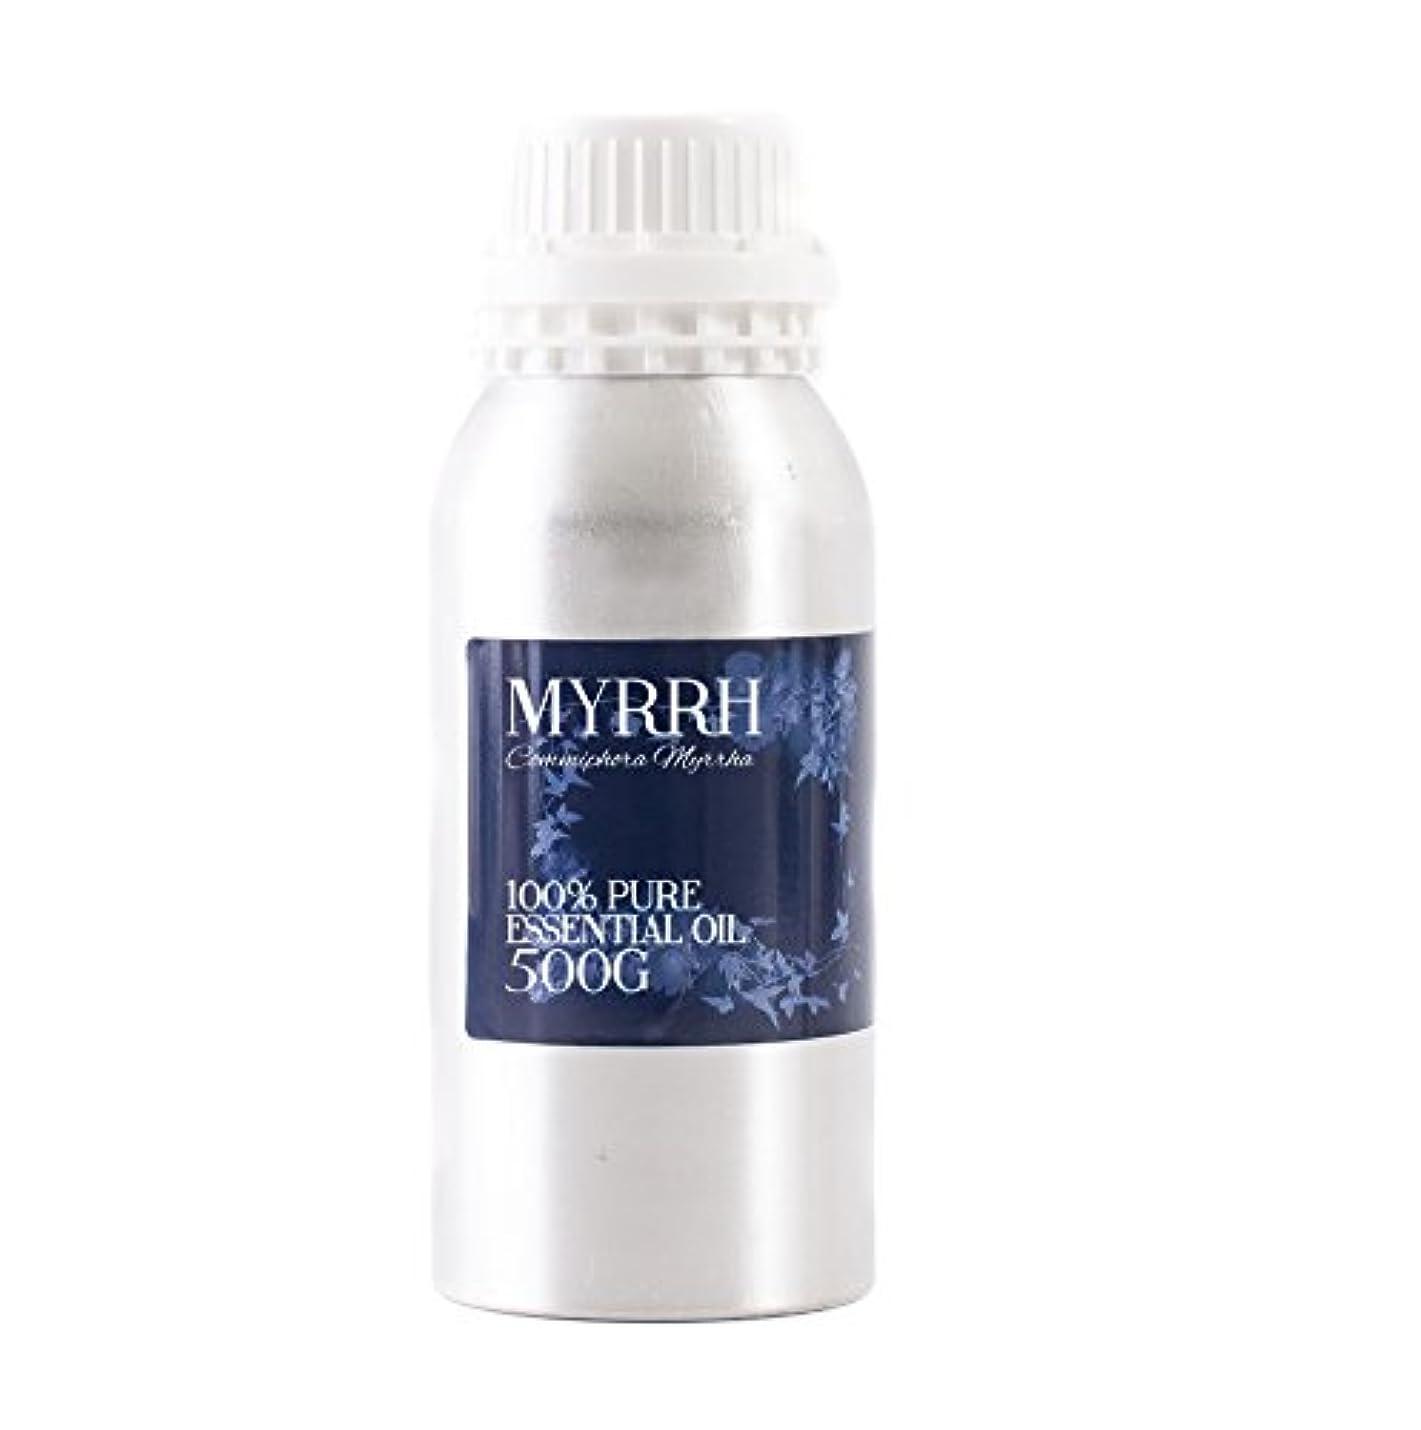 平和なアクロバットおじいちゃんMystic Moments | Myrrh Essential Oil - 500g - 100% Pure